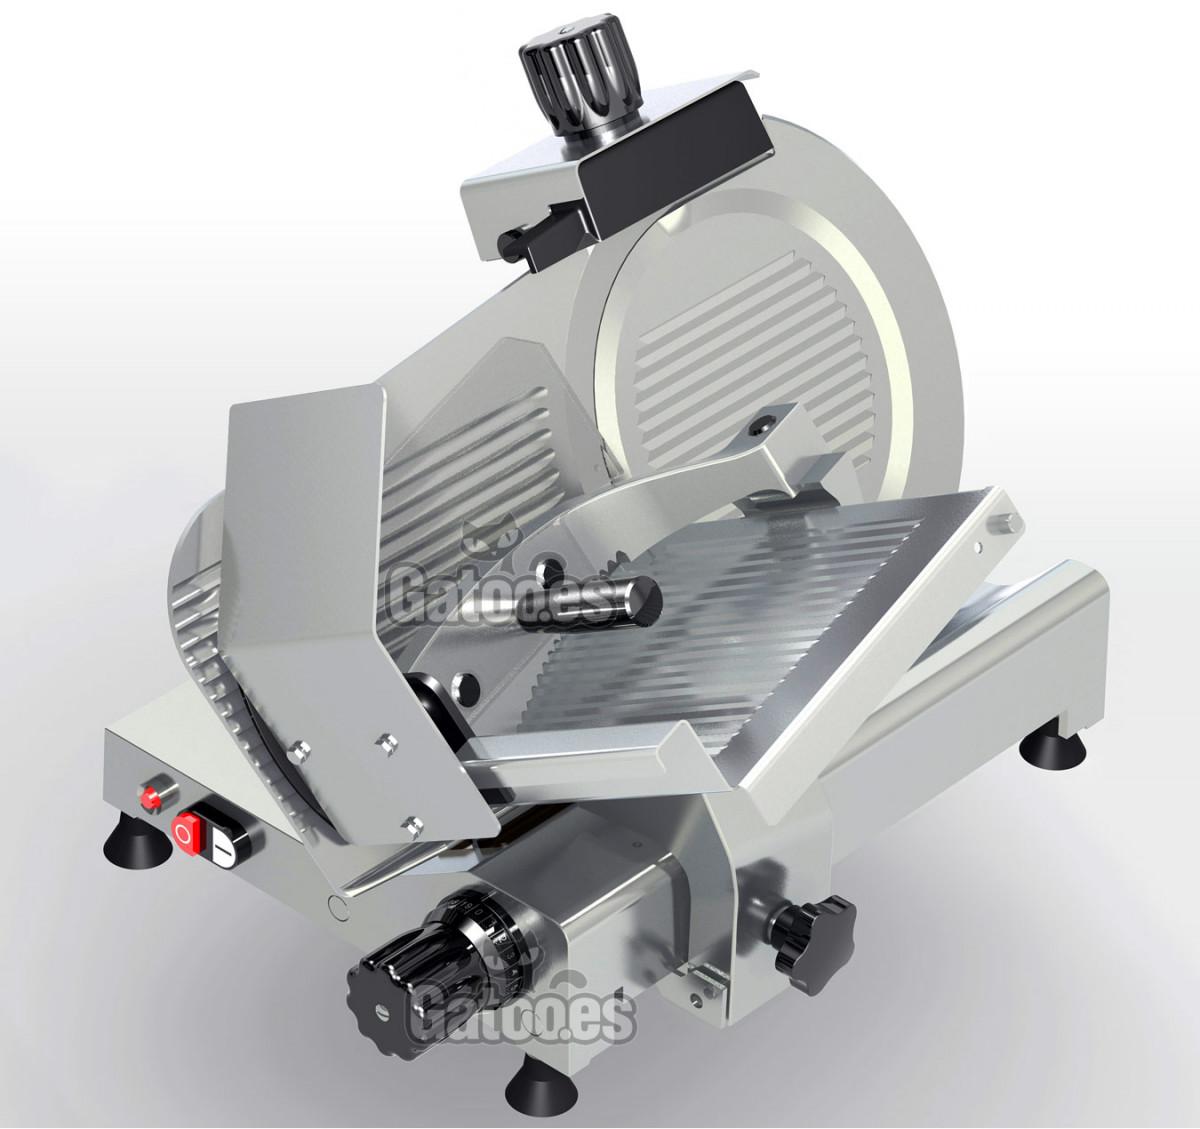 Cortafiambres Profesional BRAHER USA-250 de 250 mm.